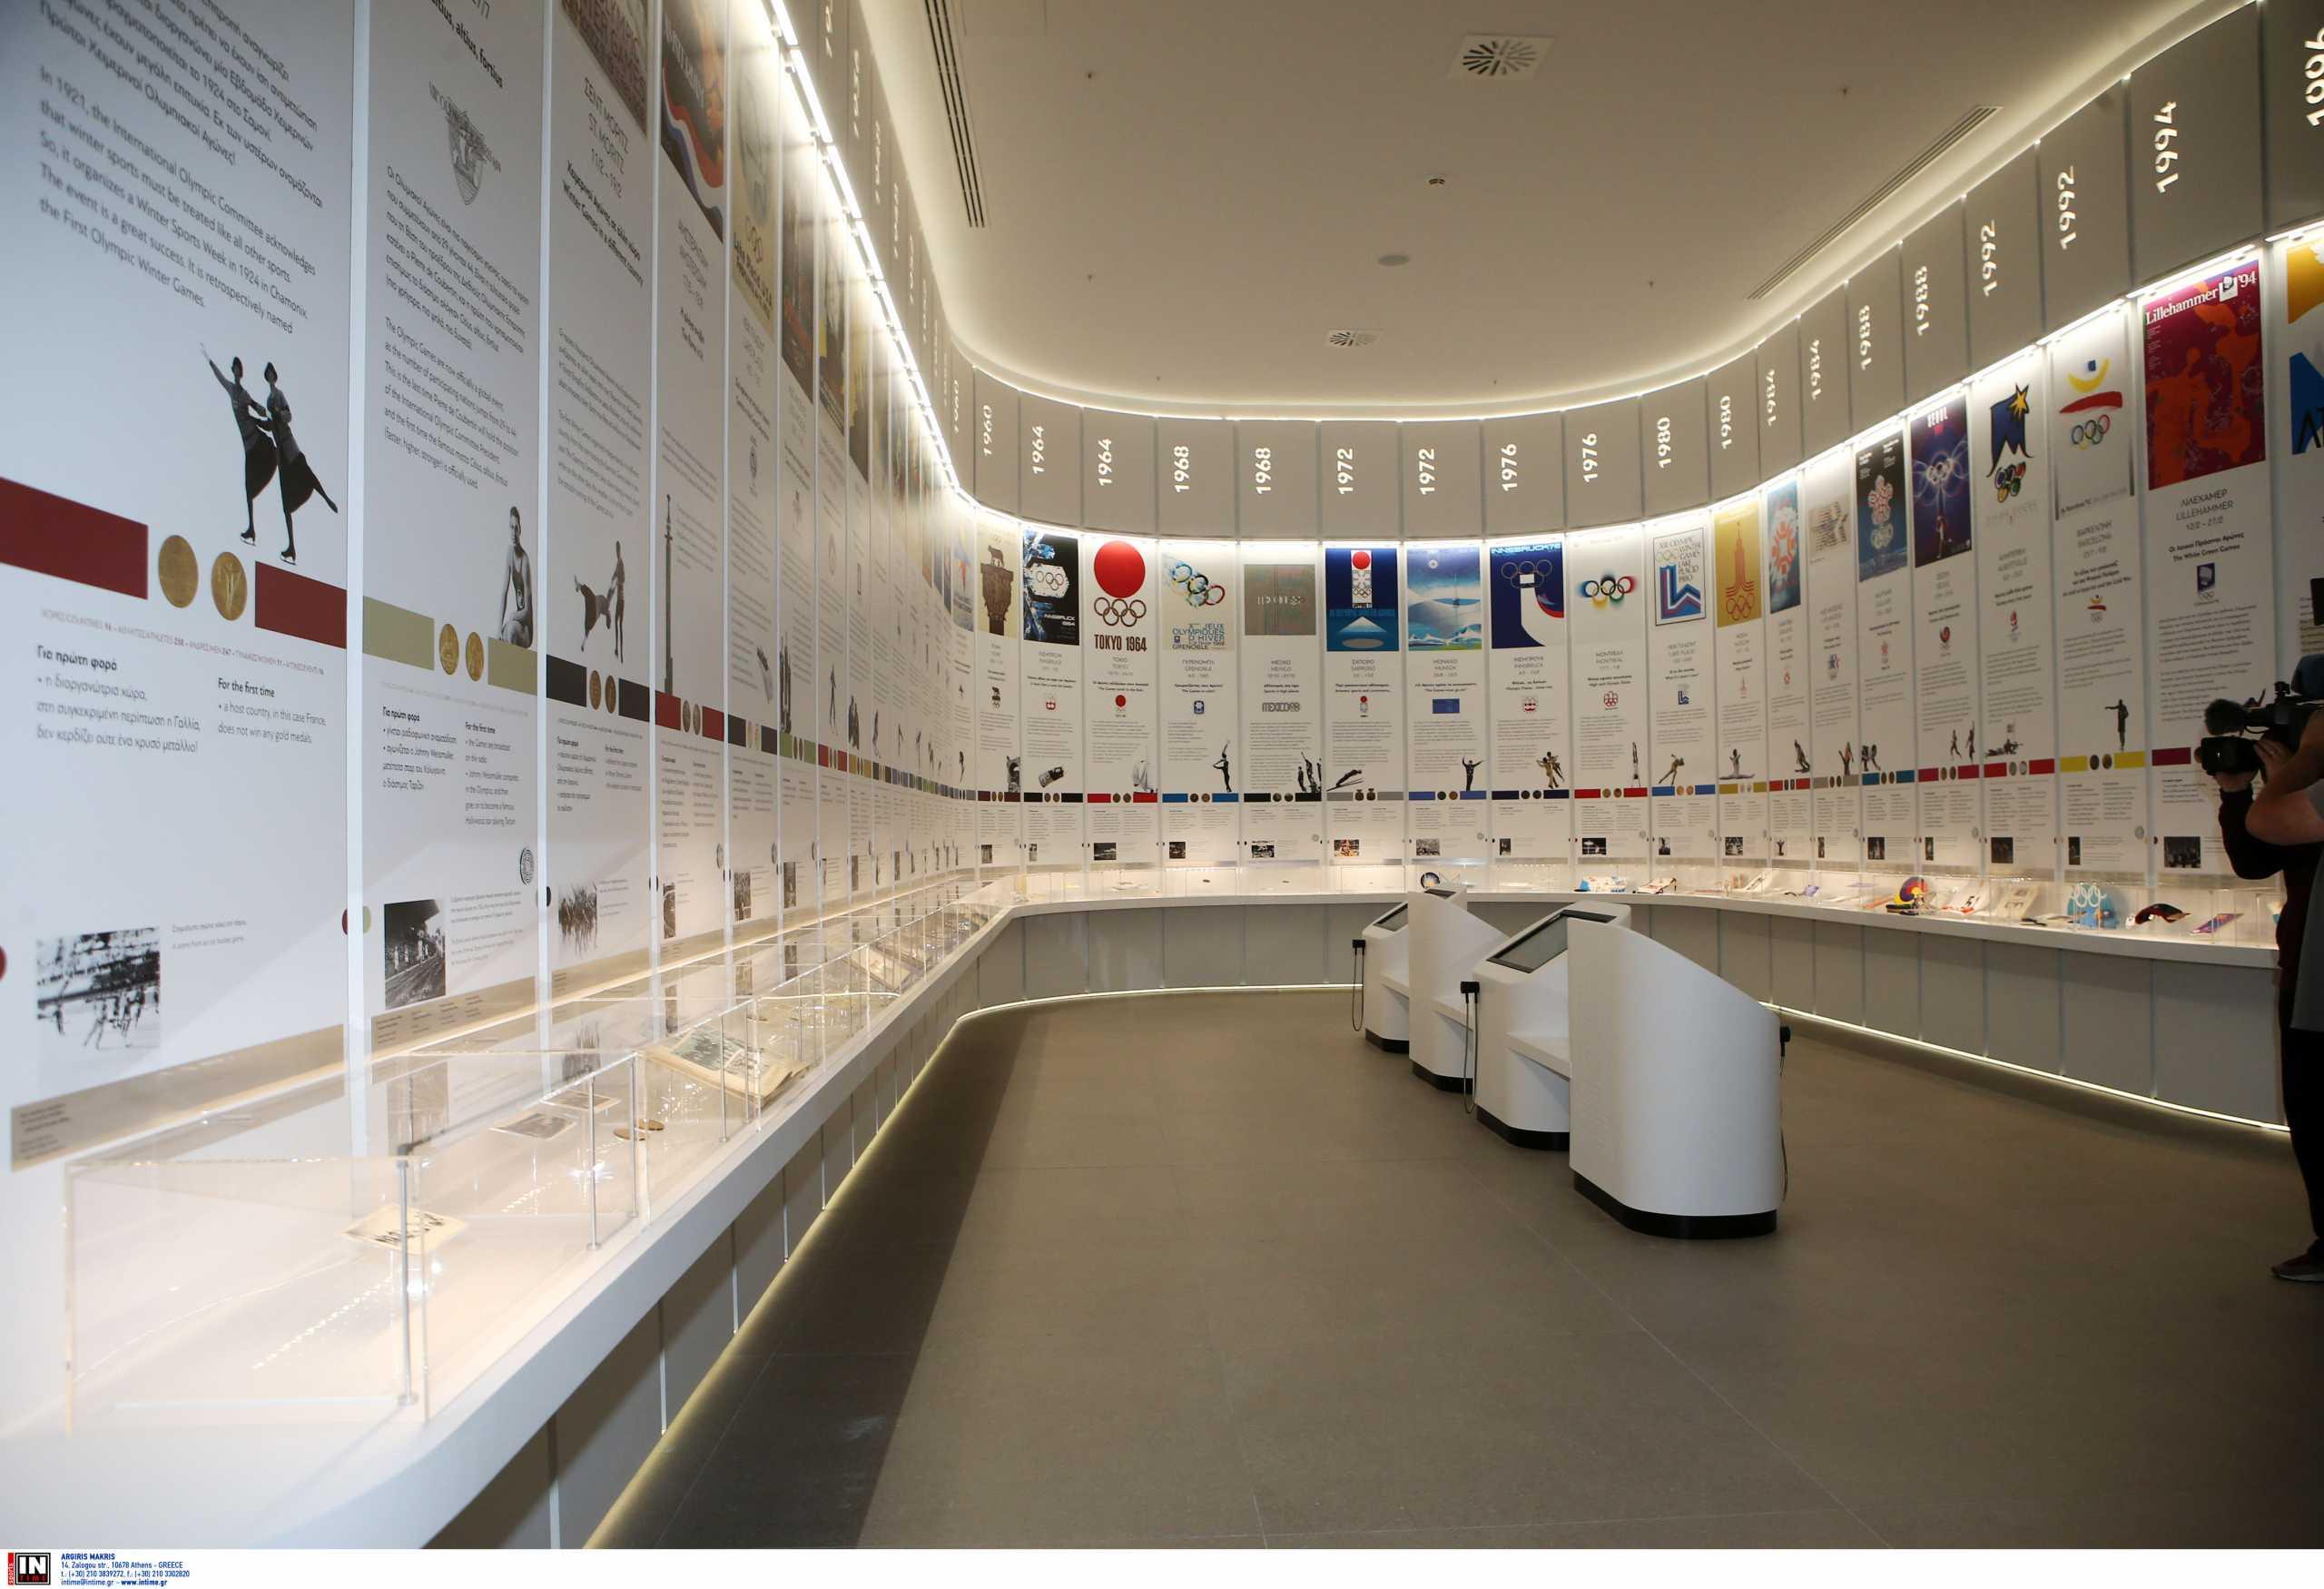 Ιδού το Ολυμπιακό Μουσείο της Αθήνας – Άνοιξε για το κοινό